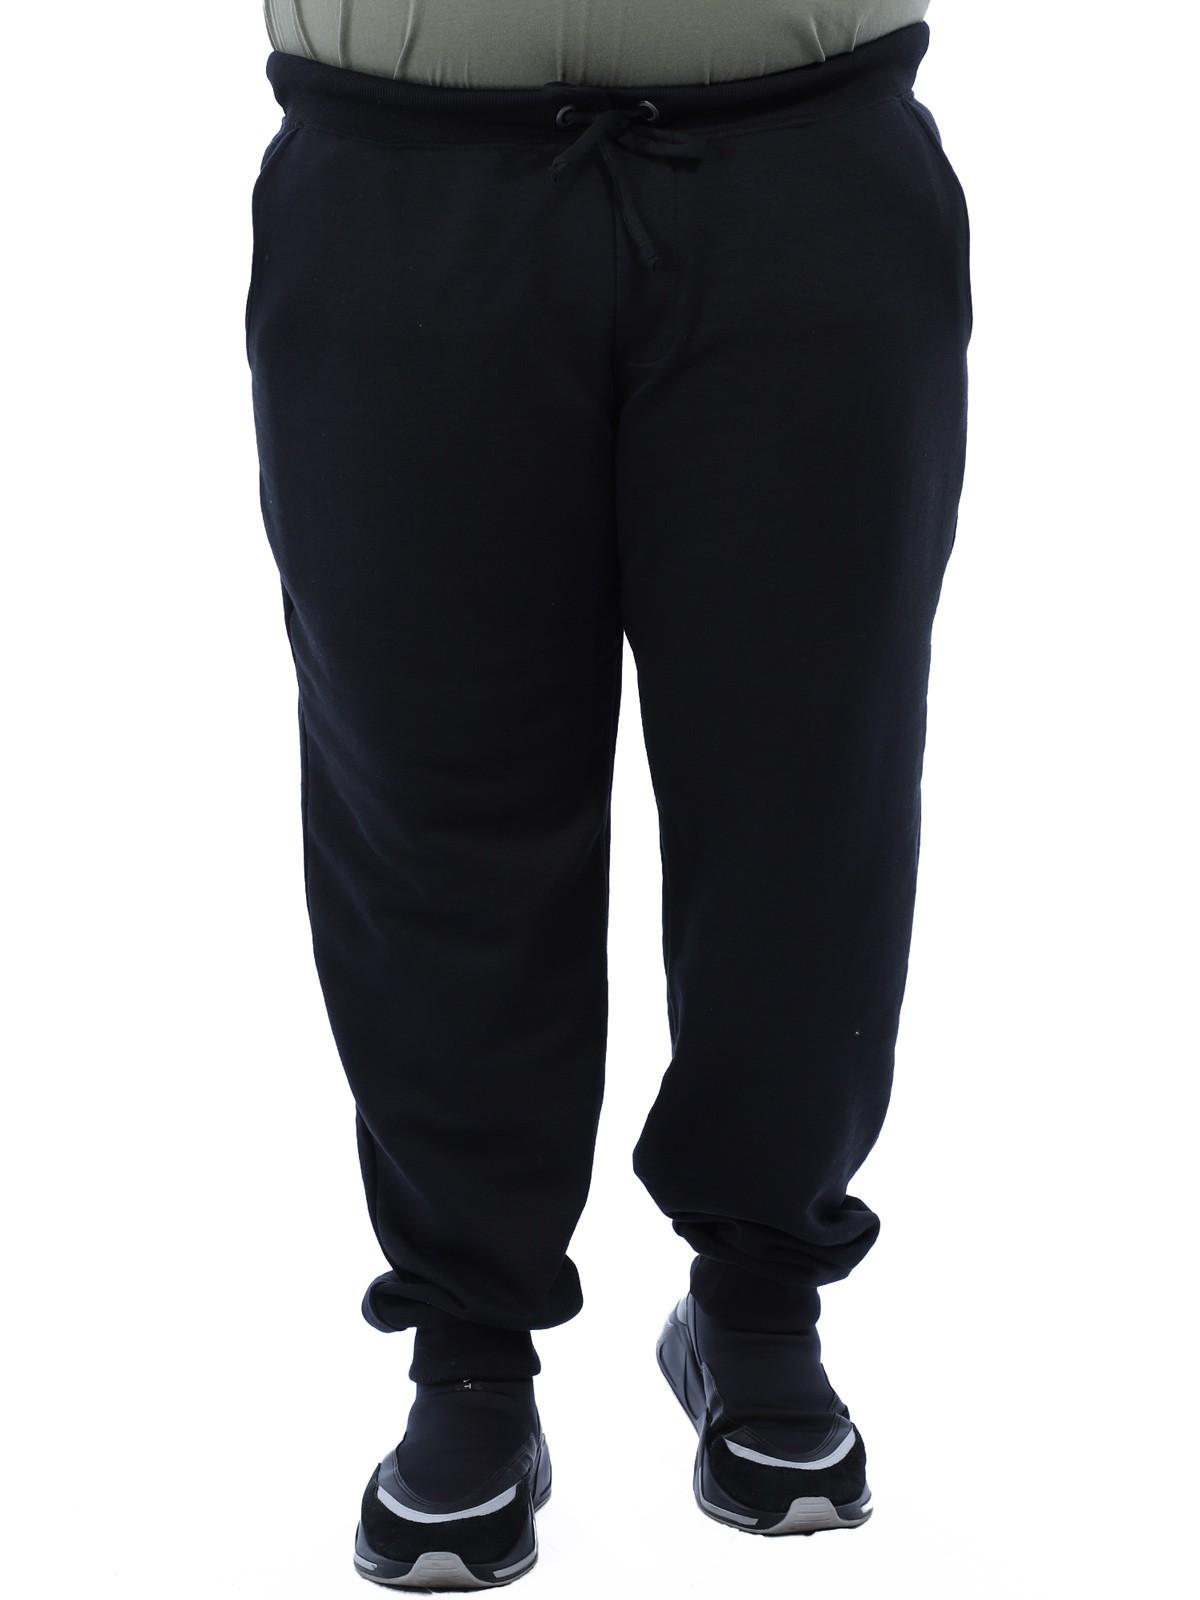 Calça Plus Size Masculino de Moletom Sem Felpa Anistia Preto